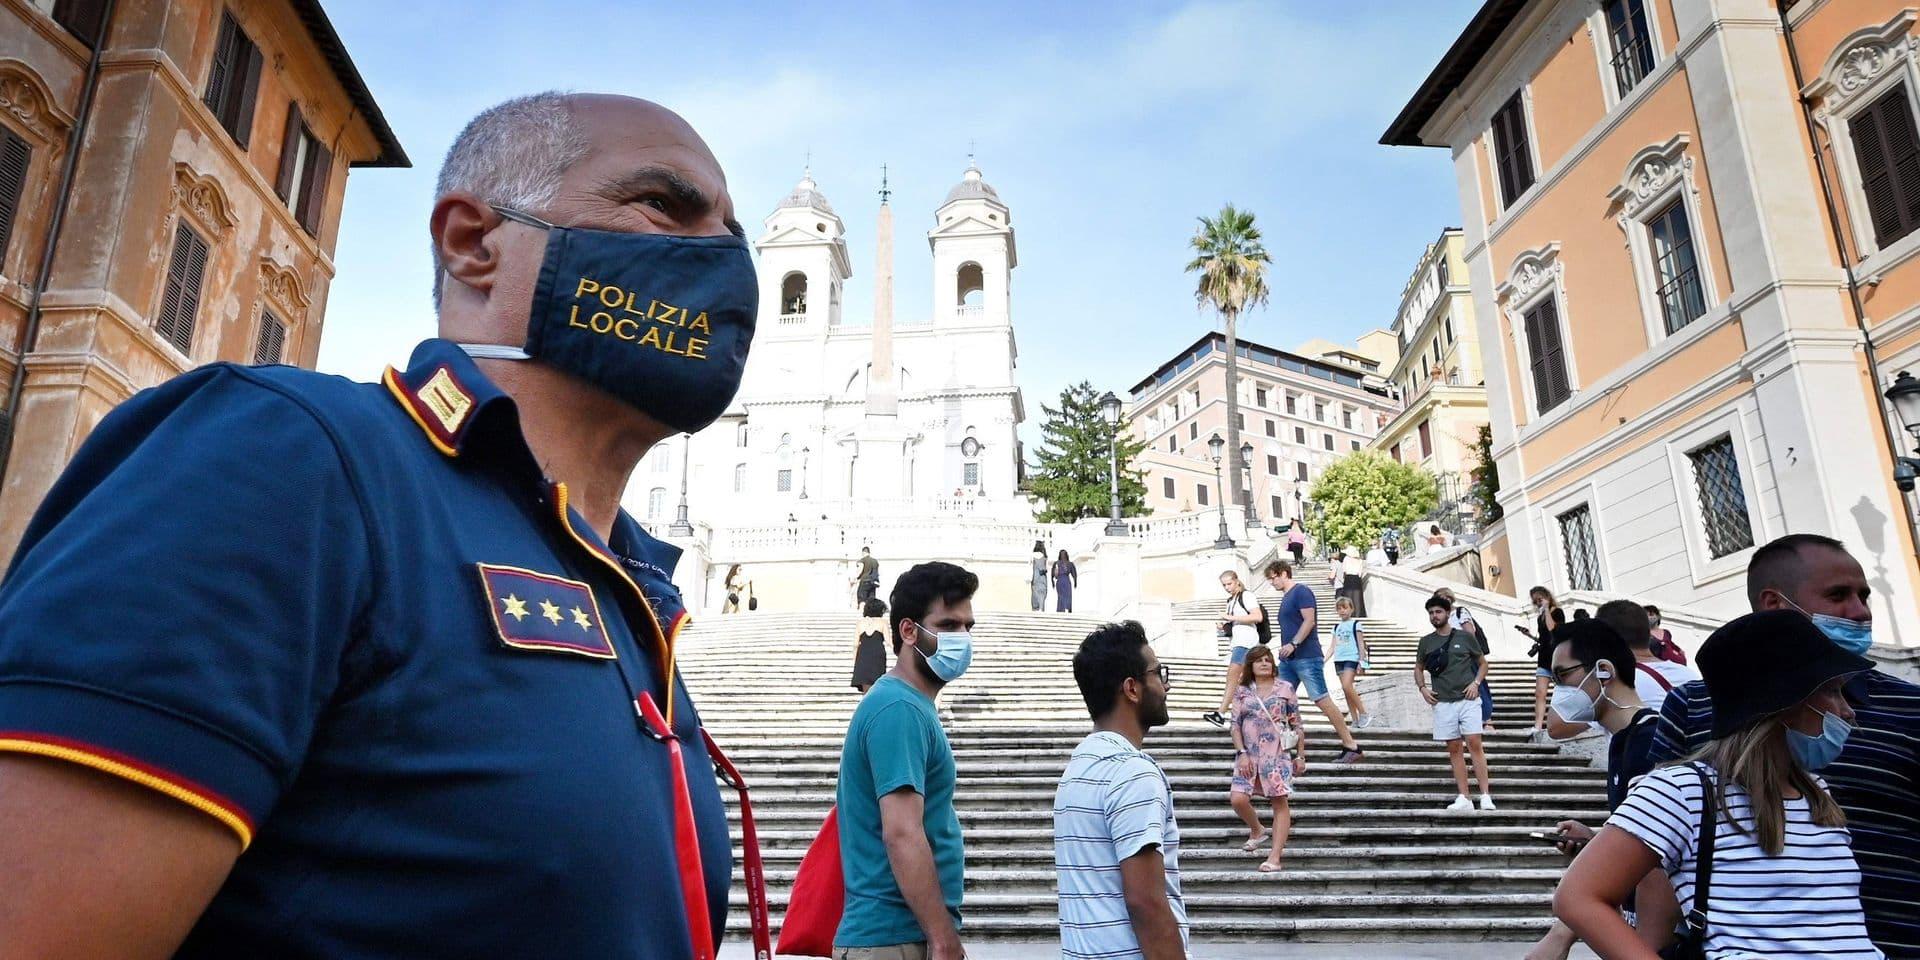 """En Italie, le coronavirus voyage avec les vacanciers : """"L'épidémie est maintenant répandue dans tout le pays avec des centaines de foyers"""""""